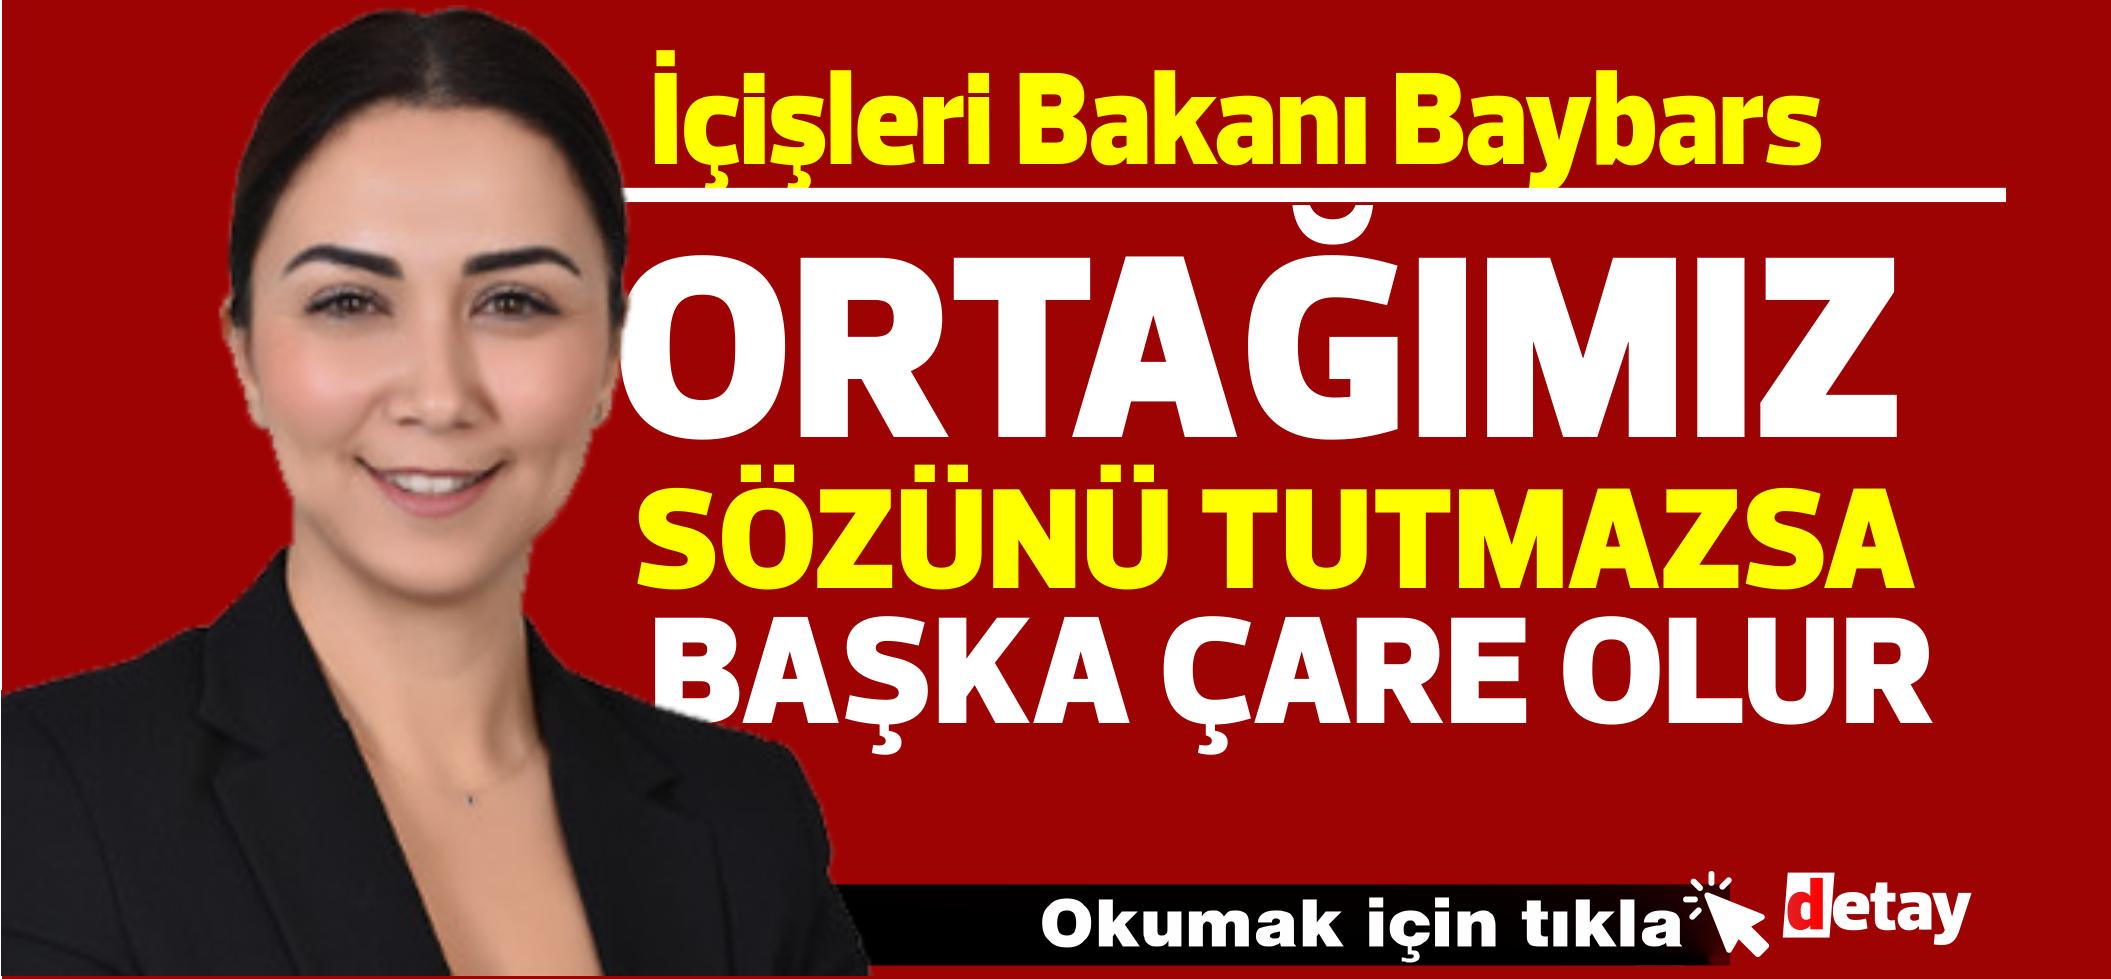 """Baybars'tan sert açıklama: """"UBP, koalisyona uygun davranmazsa başka çareler ortaya çıkar"""""""